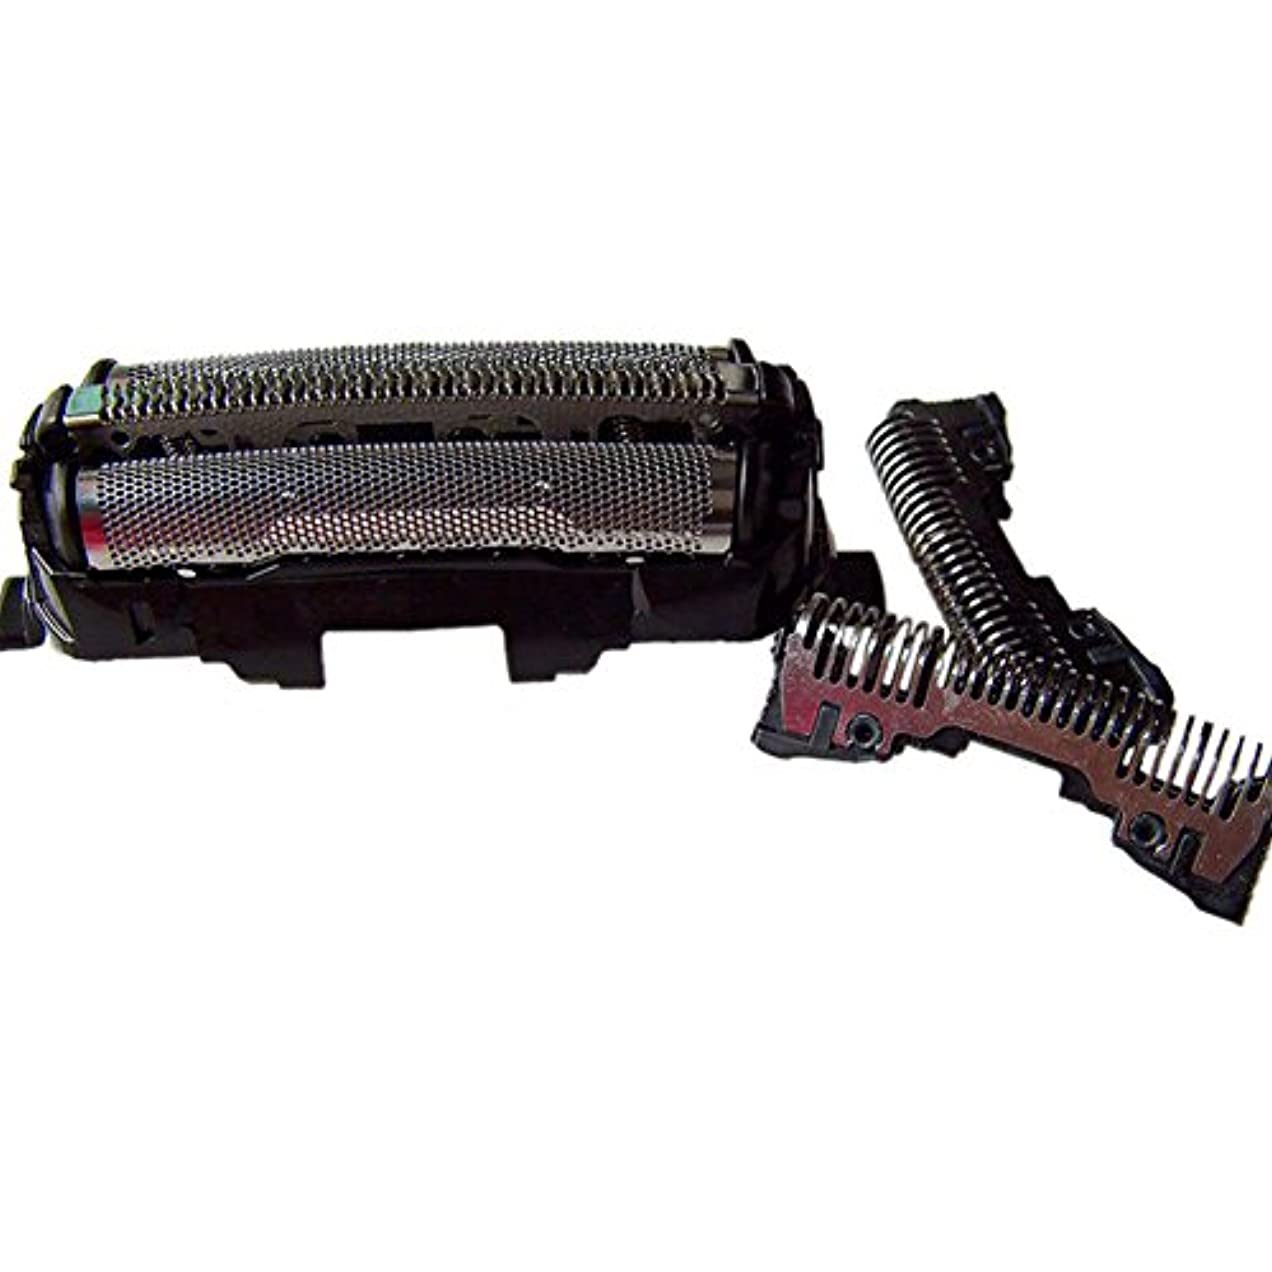 価値のないゆるい過去Hzjundasi シェーバーパーツ 部品 外刃 内刃 ロータリー式シェーバー替刃 耐用 高質量 for Panasonic ES9087 ES8113 ES8116 ES-LT22/LT31